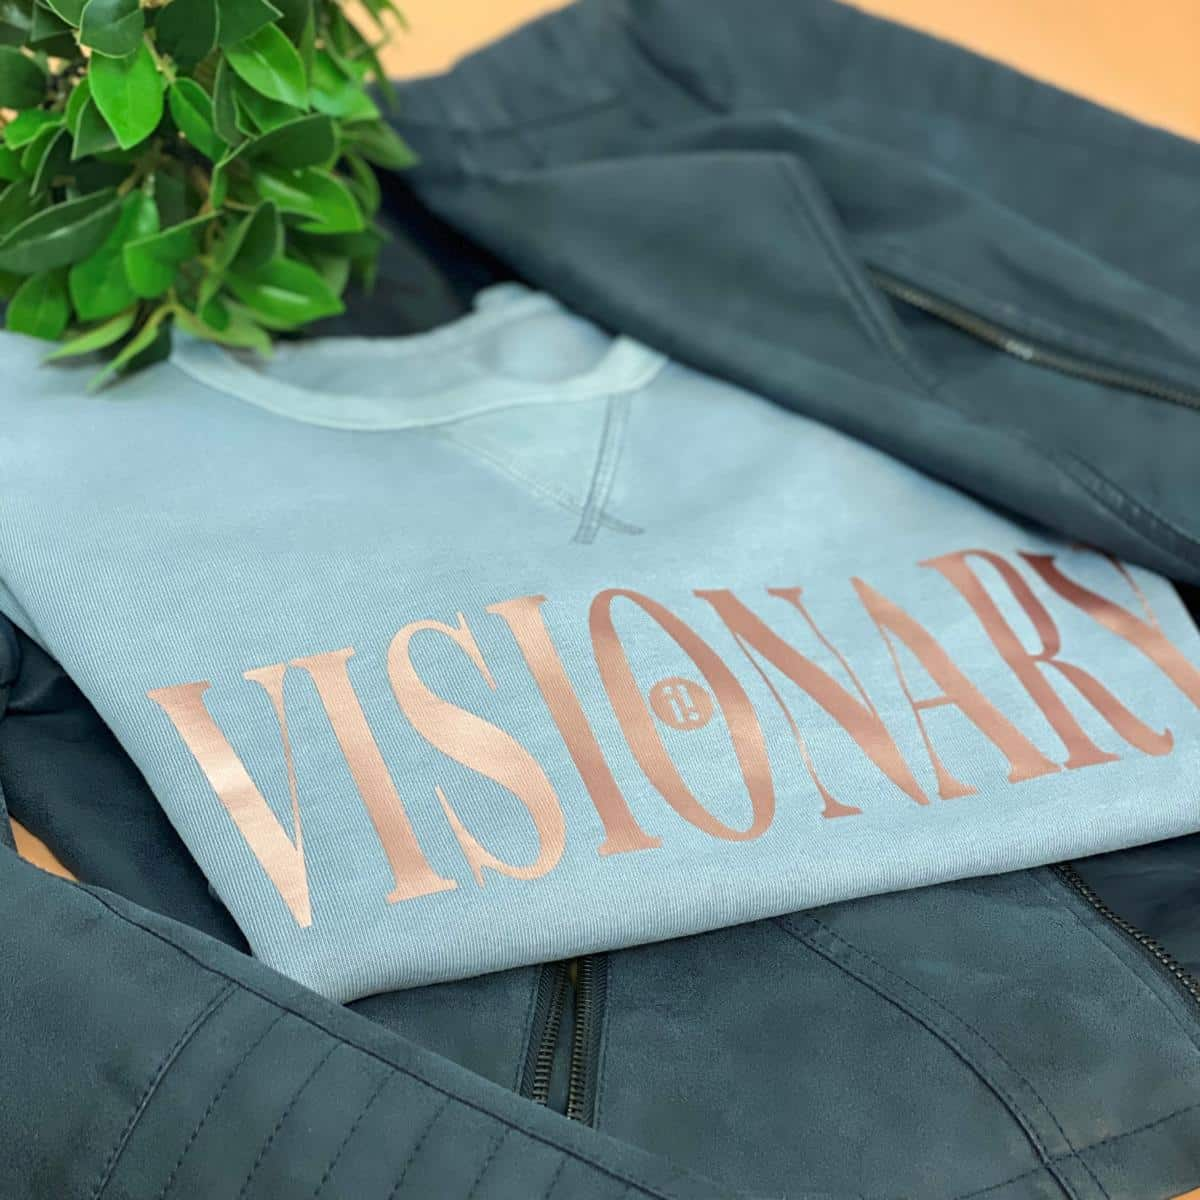 style hannover fashionvoice 2 - fashionvo!ce – Statements für Business- & Lifestylefrauen